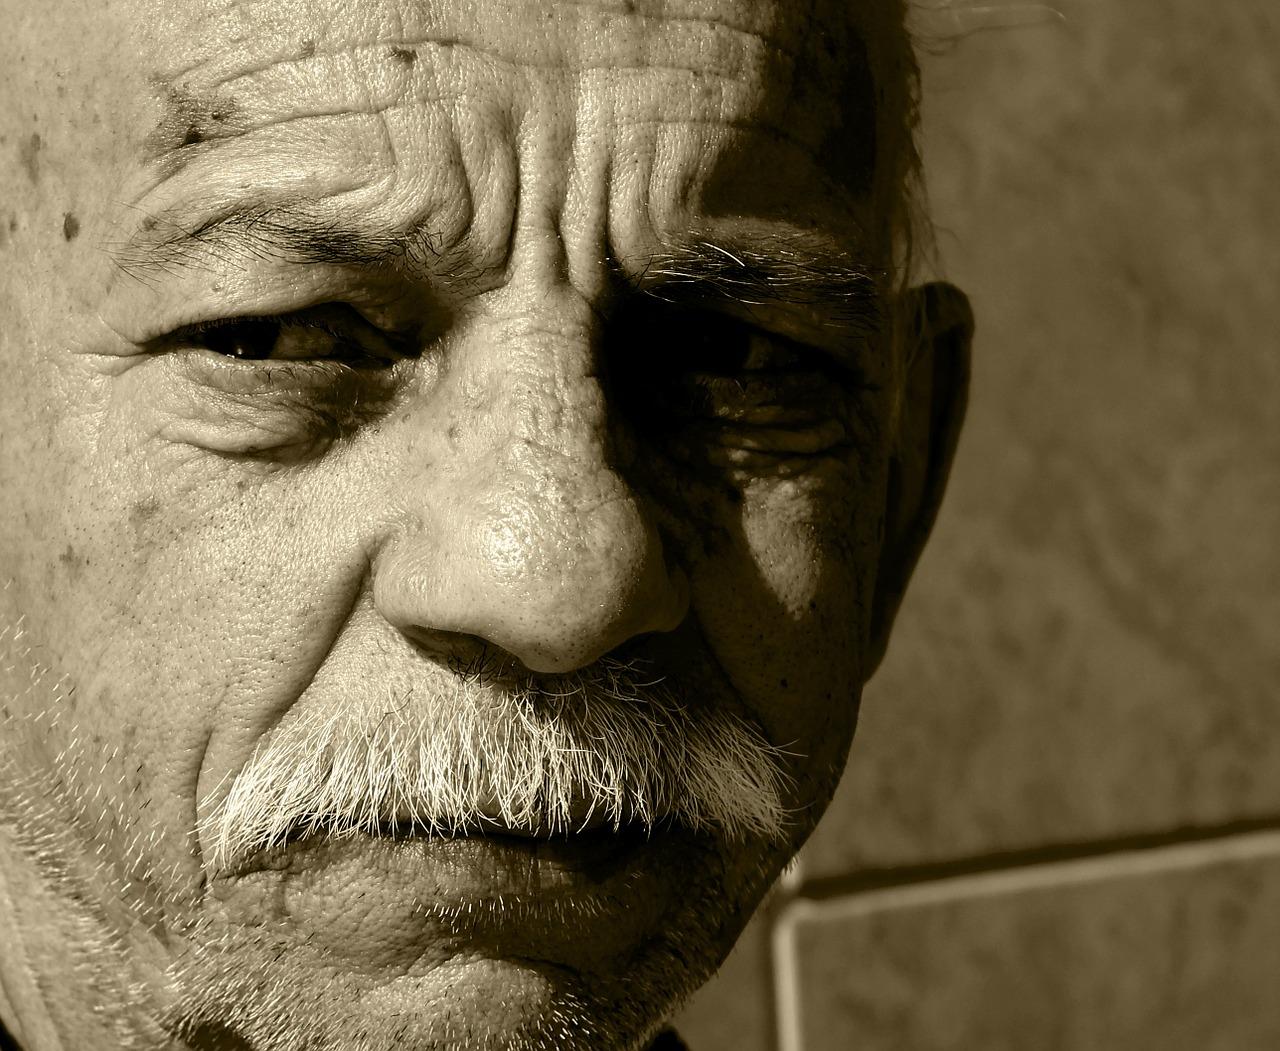 草加市松原団地!団地の空き室で見たおじいさんの幽霊